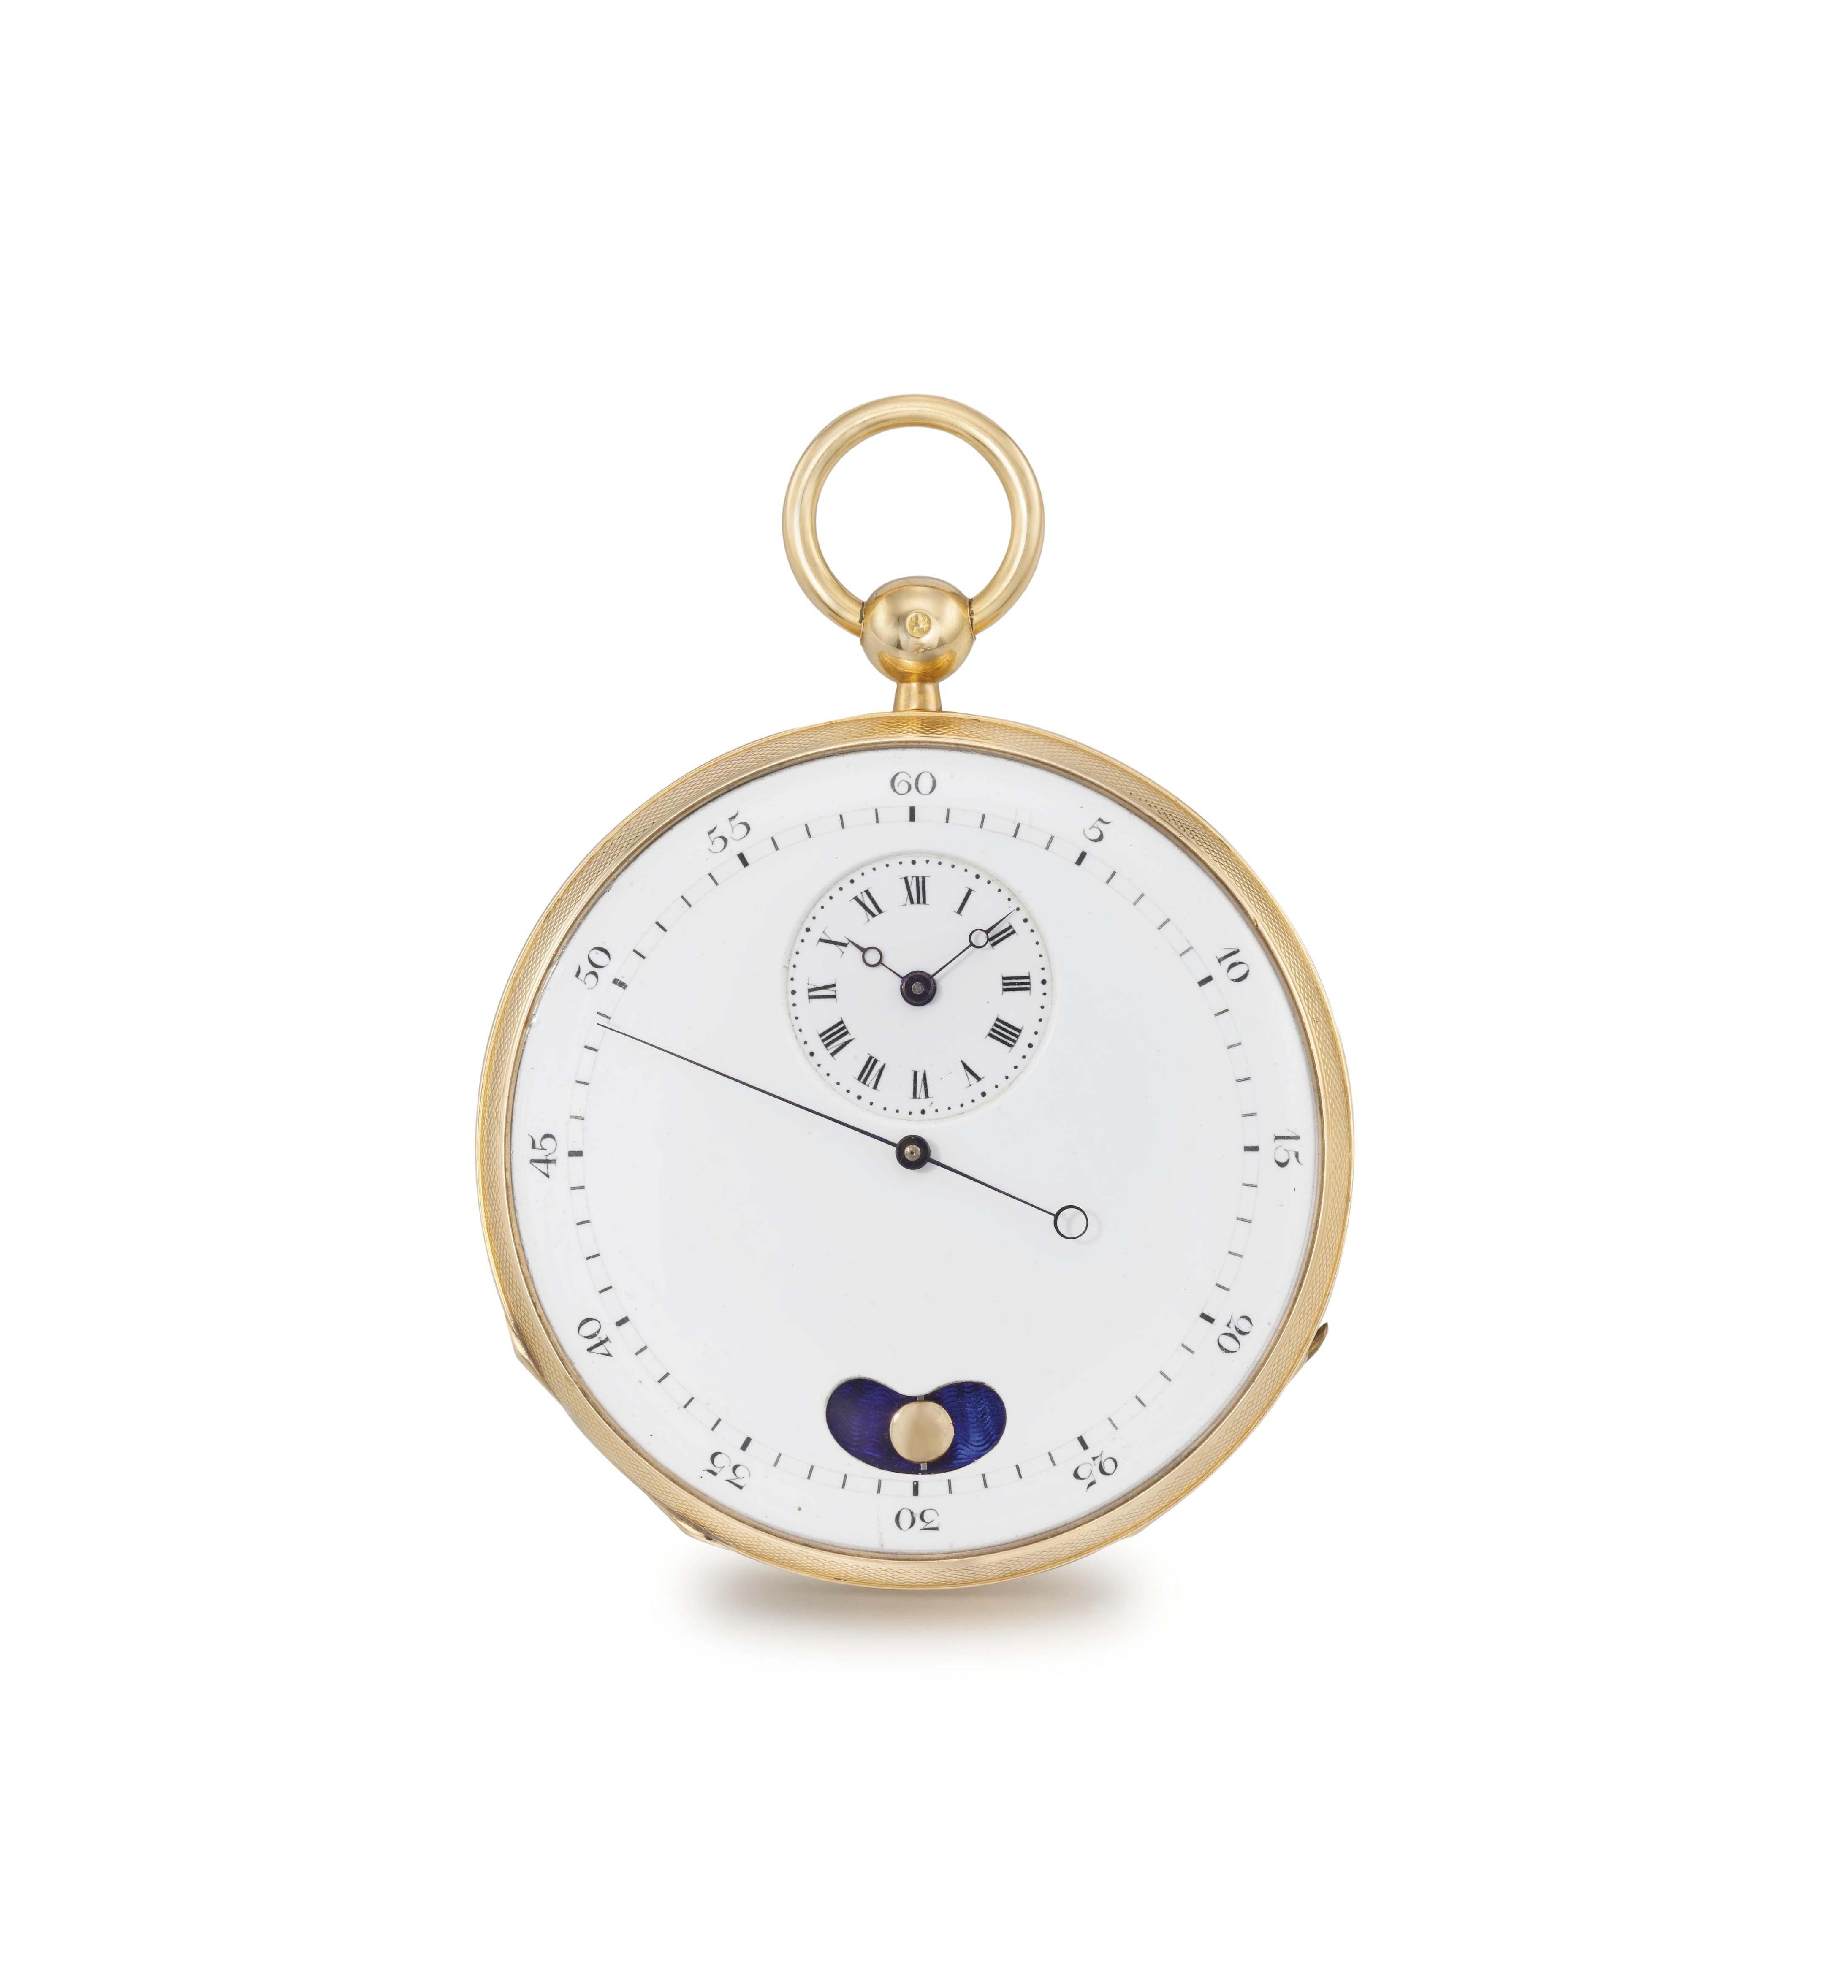 Grandjean Père & Fils. An 18K gold openface dead centre seconds watch with mock pendulum